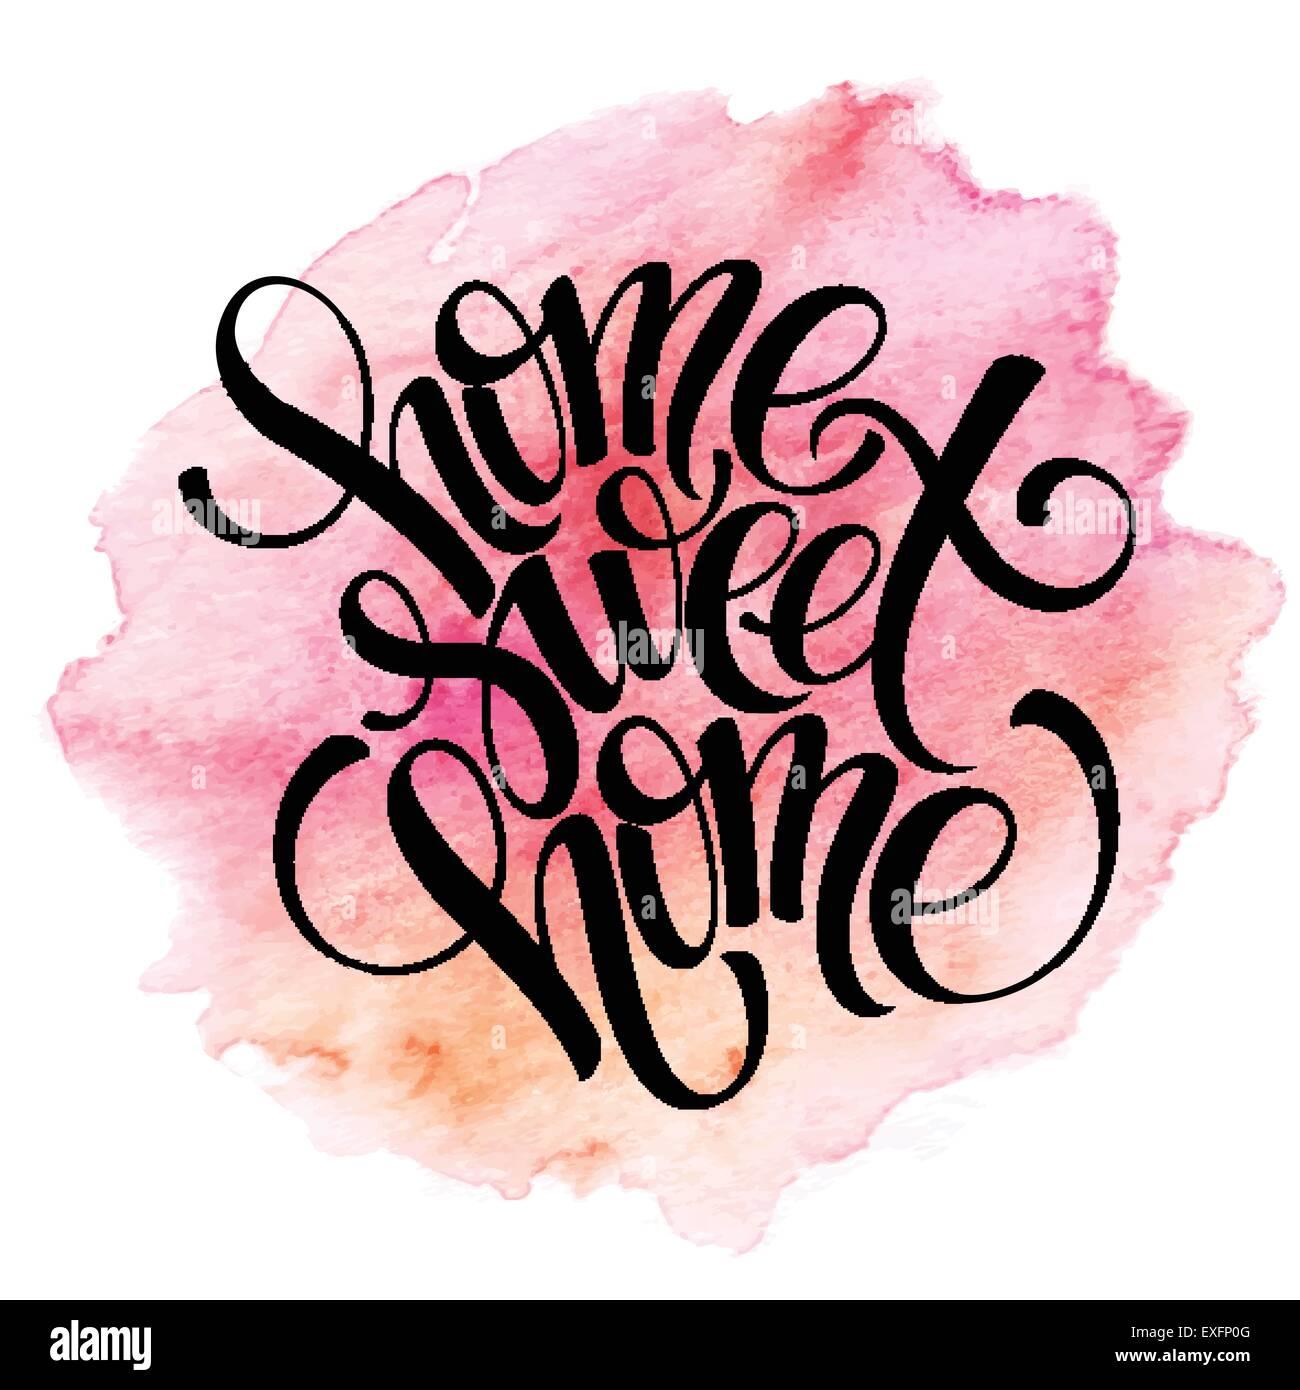 Home Sweet Home Hand Schriftzug Zitat Inspirieren Lassen Vektor